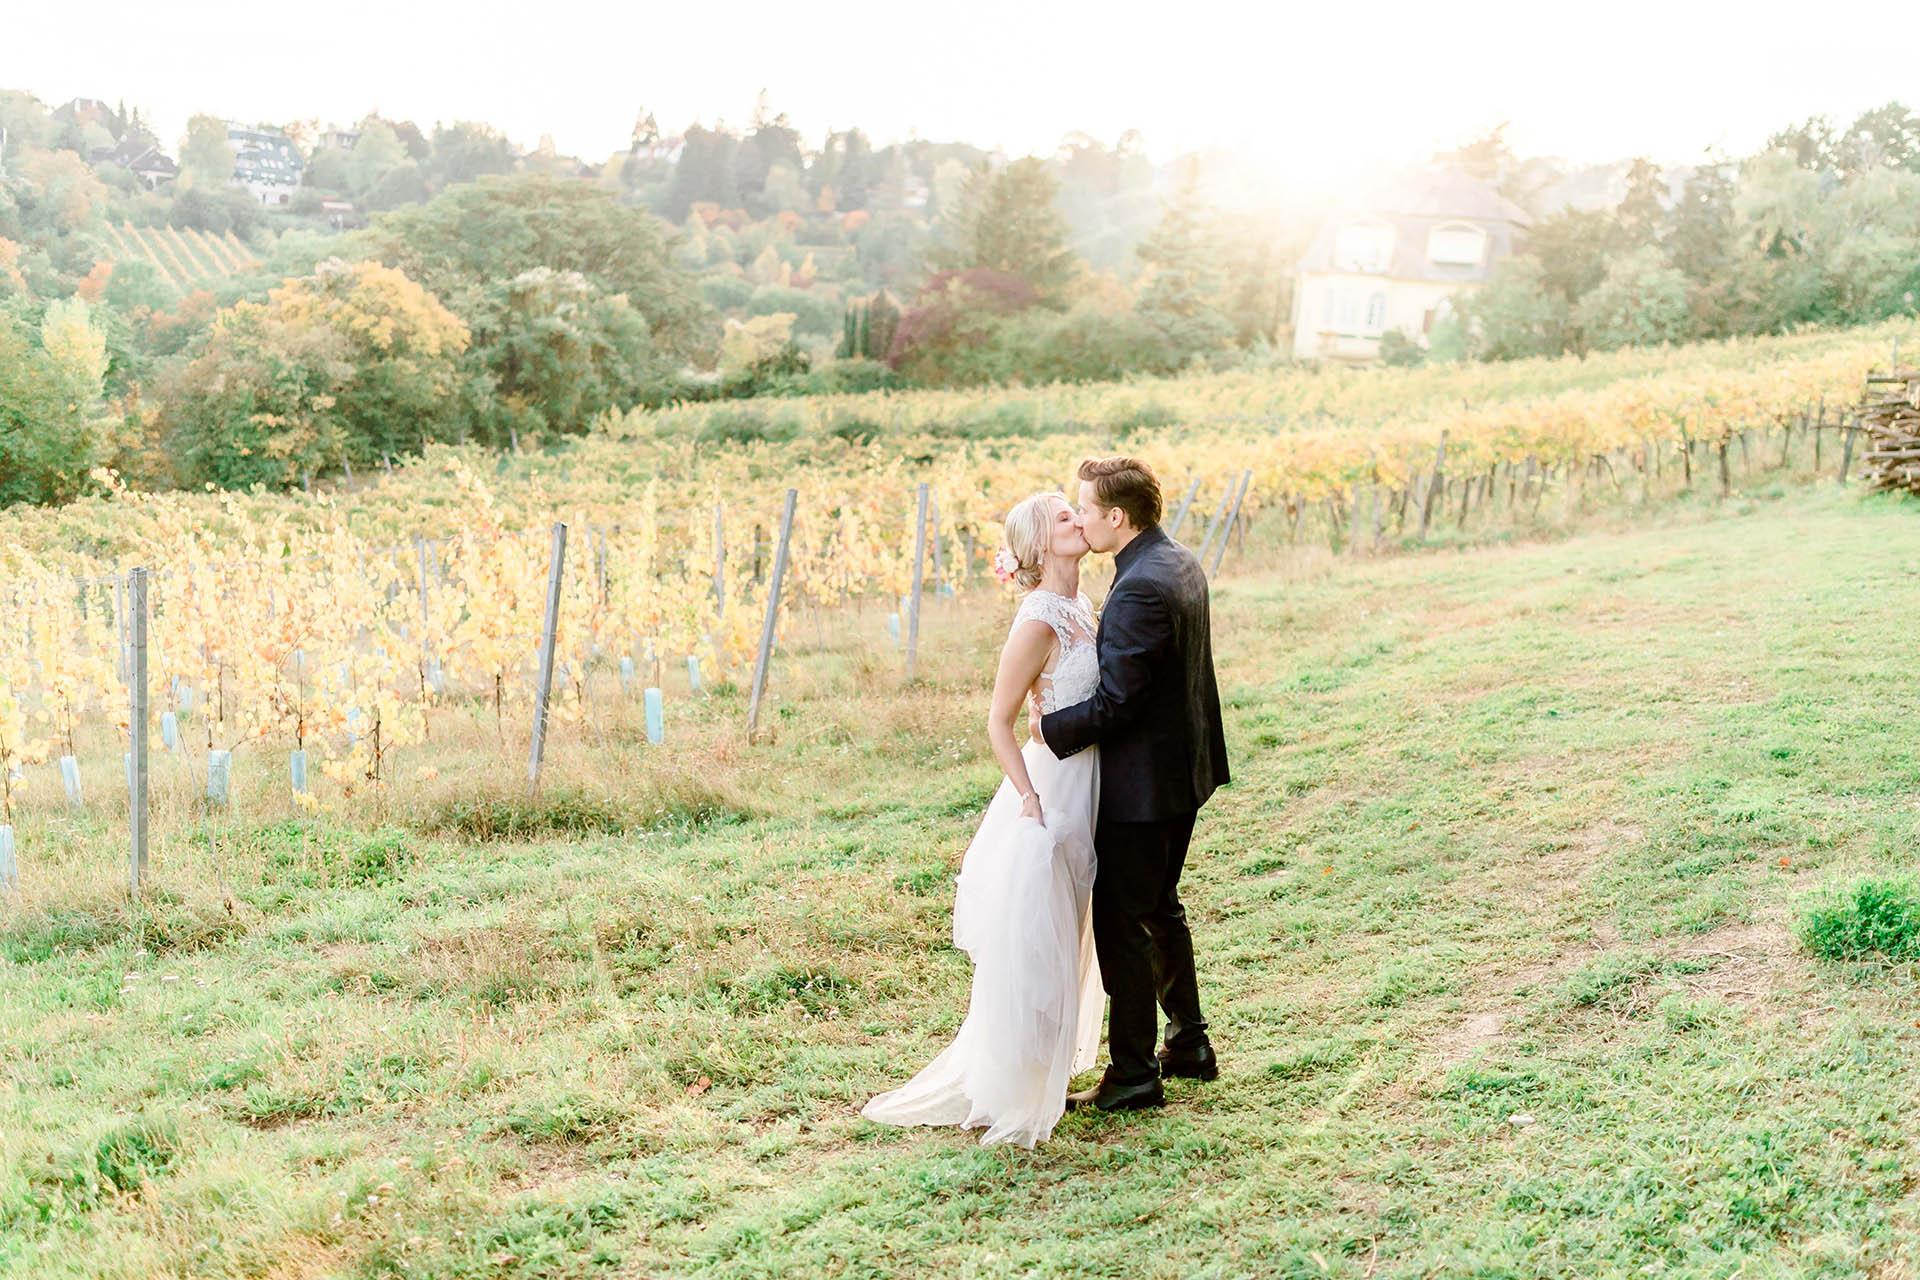 Hochzeitsblumen Wien Outdoorwedding freie Trauung Weingut Reisenberg Hochzeitsfotograf